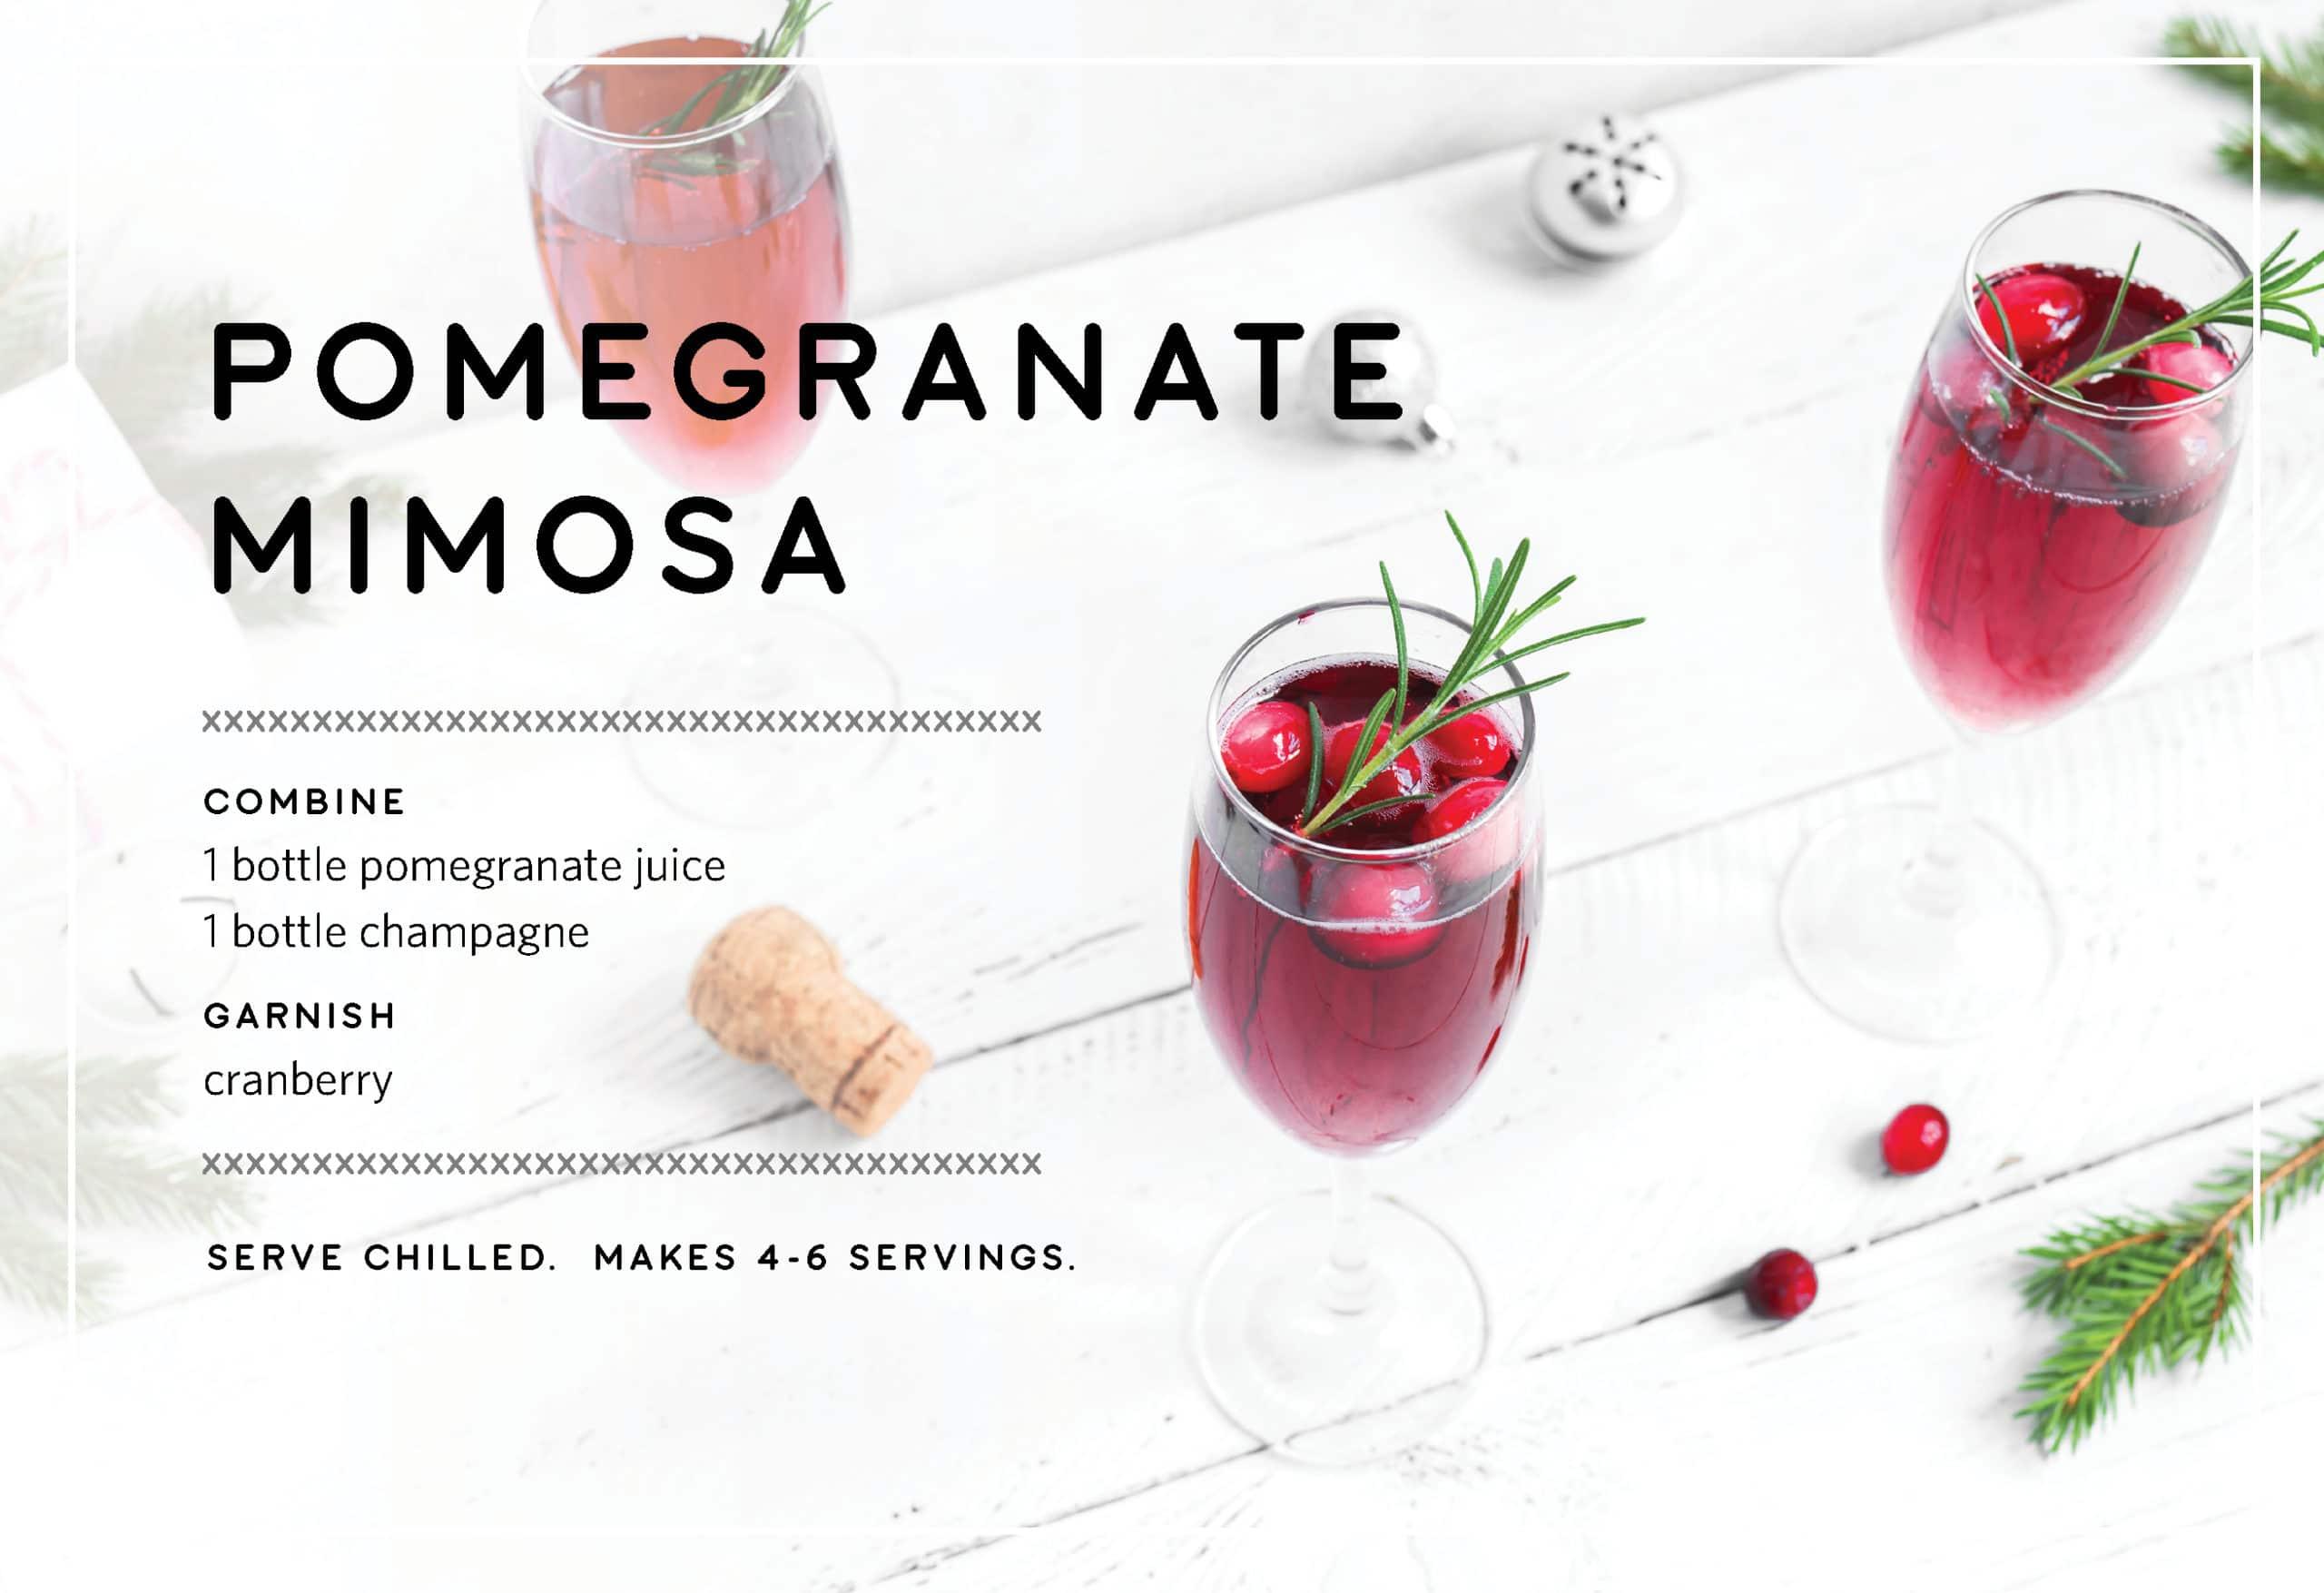 Pomegranate Mimosa Holiday Drink Recipes